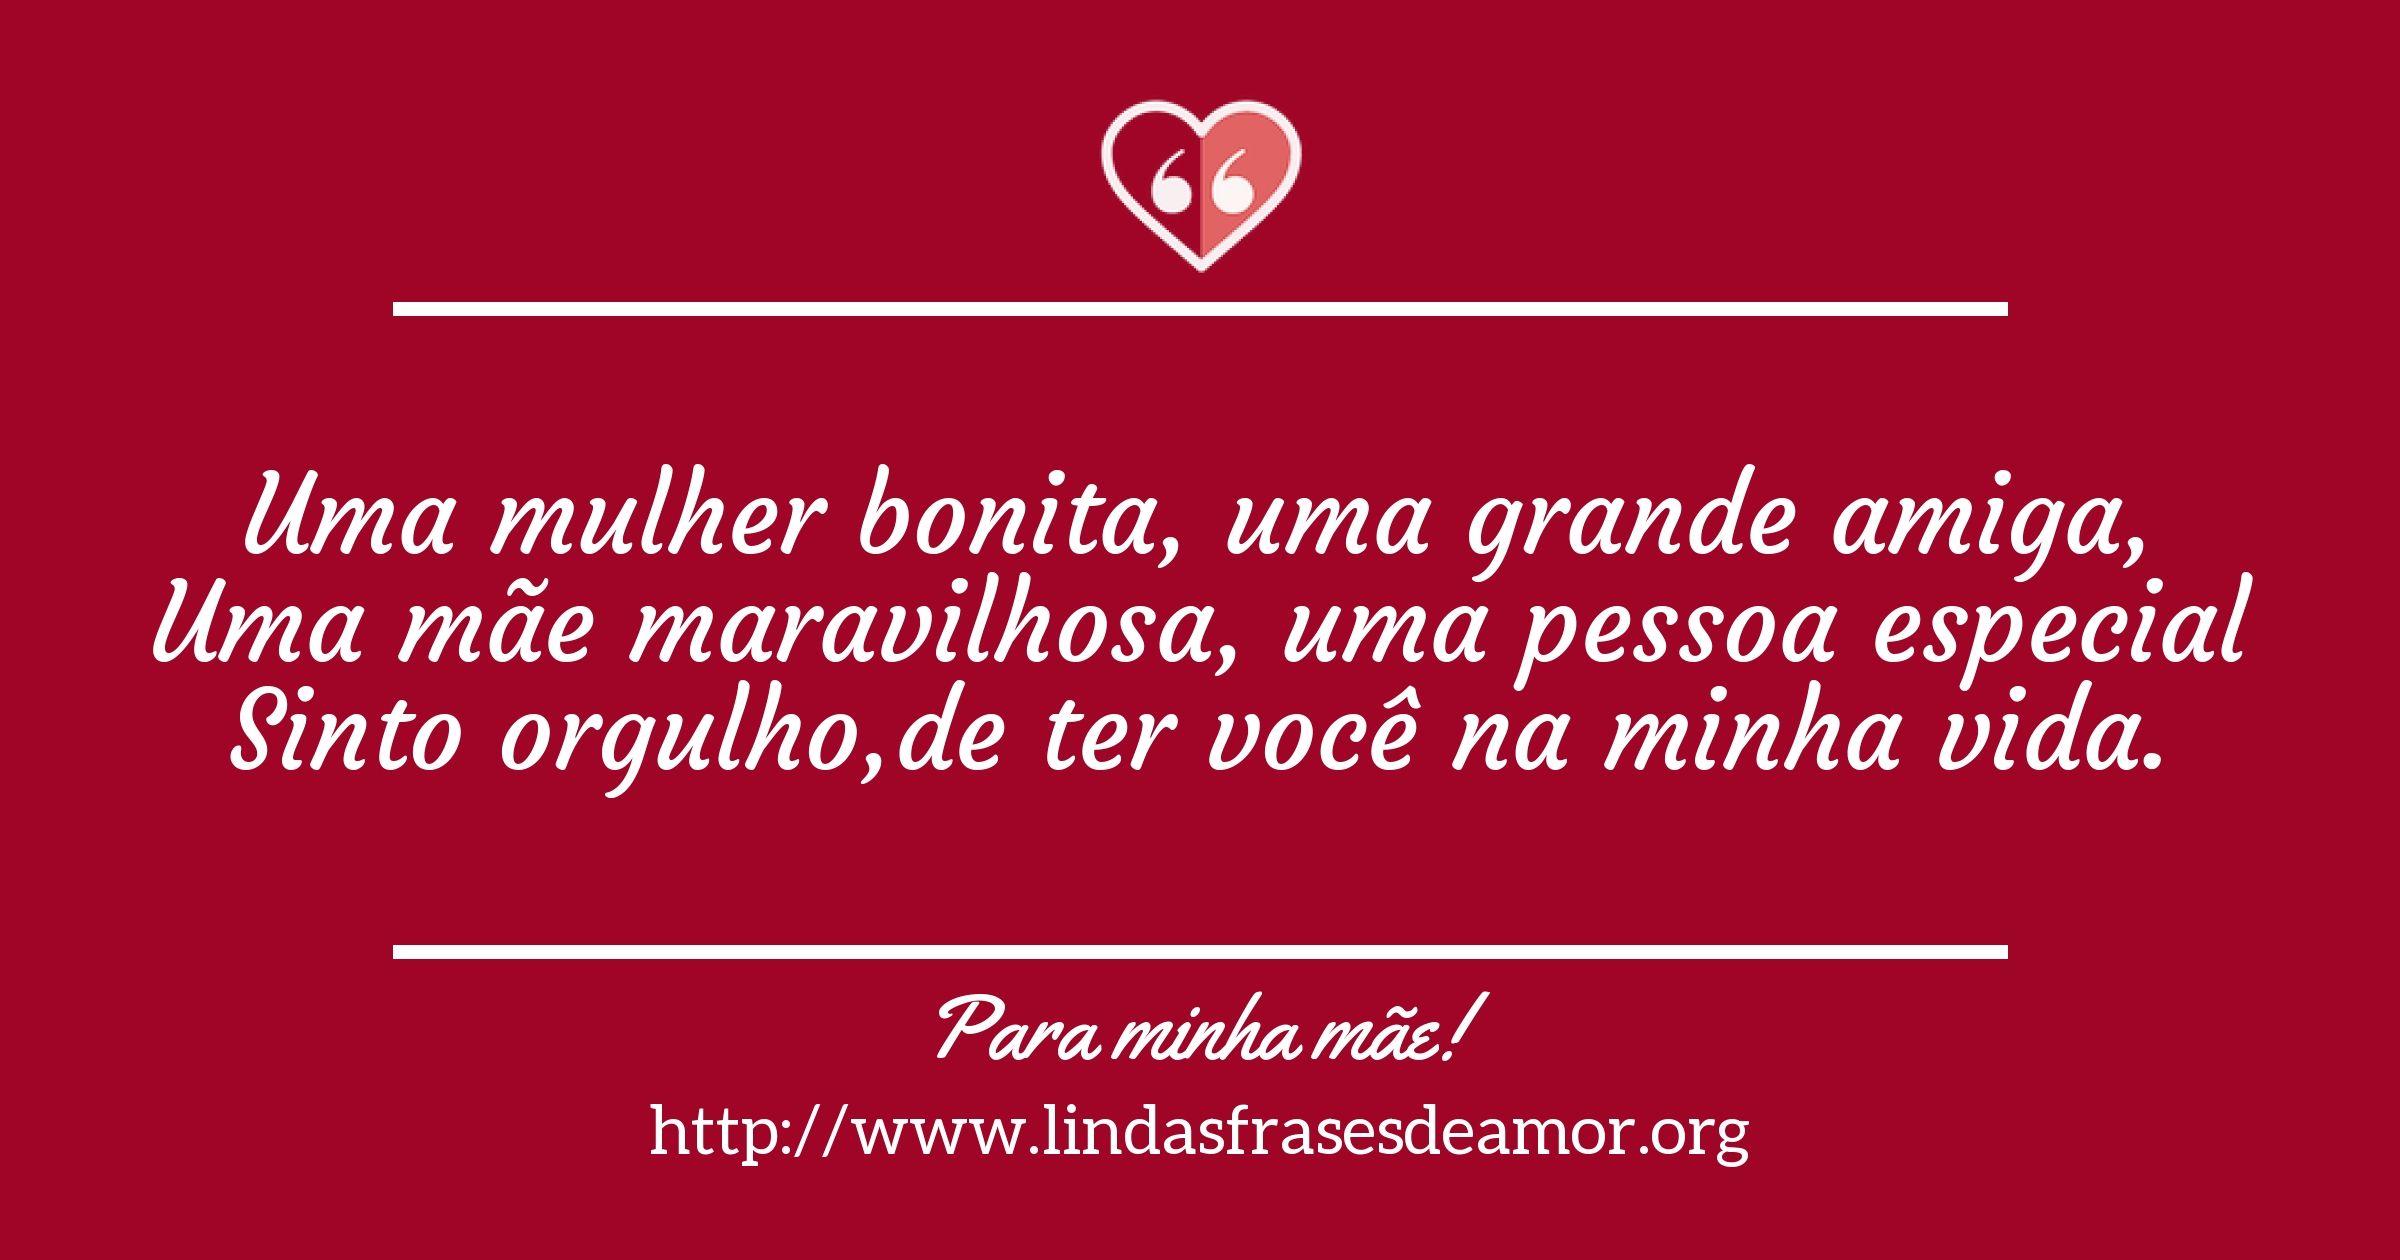 Frases De Amor Para Mãe: Pin De Eloisa Nogueira Em Mães